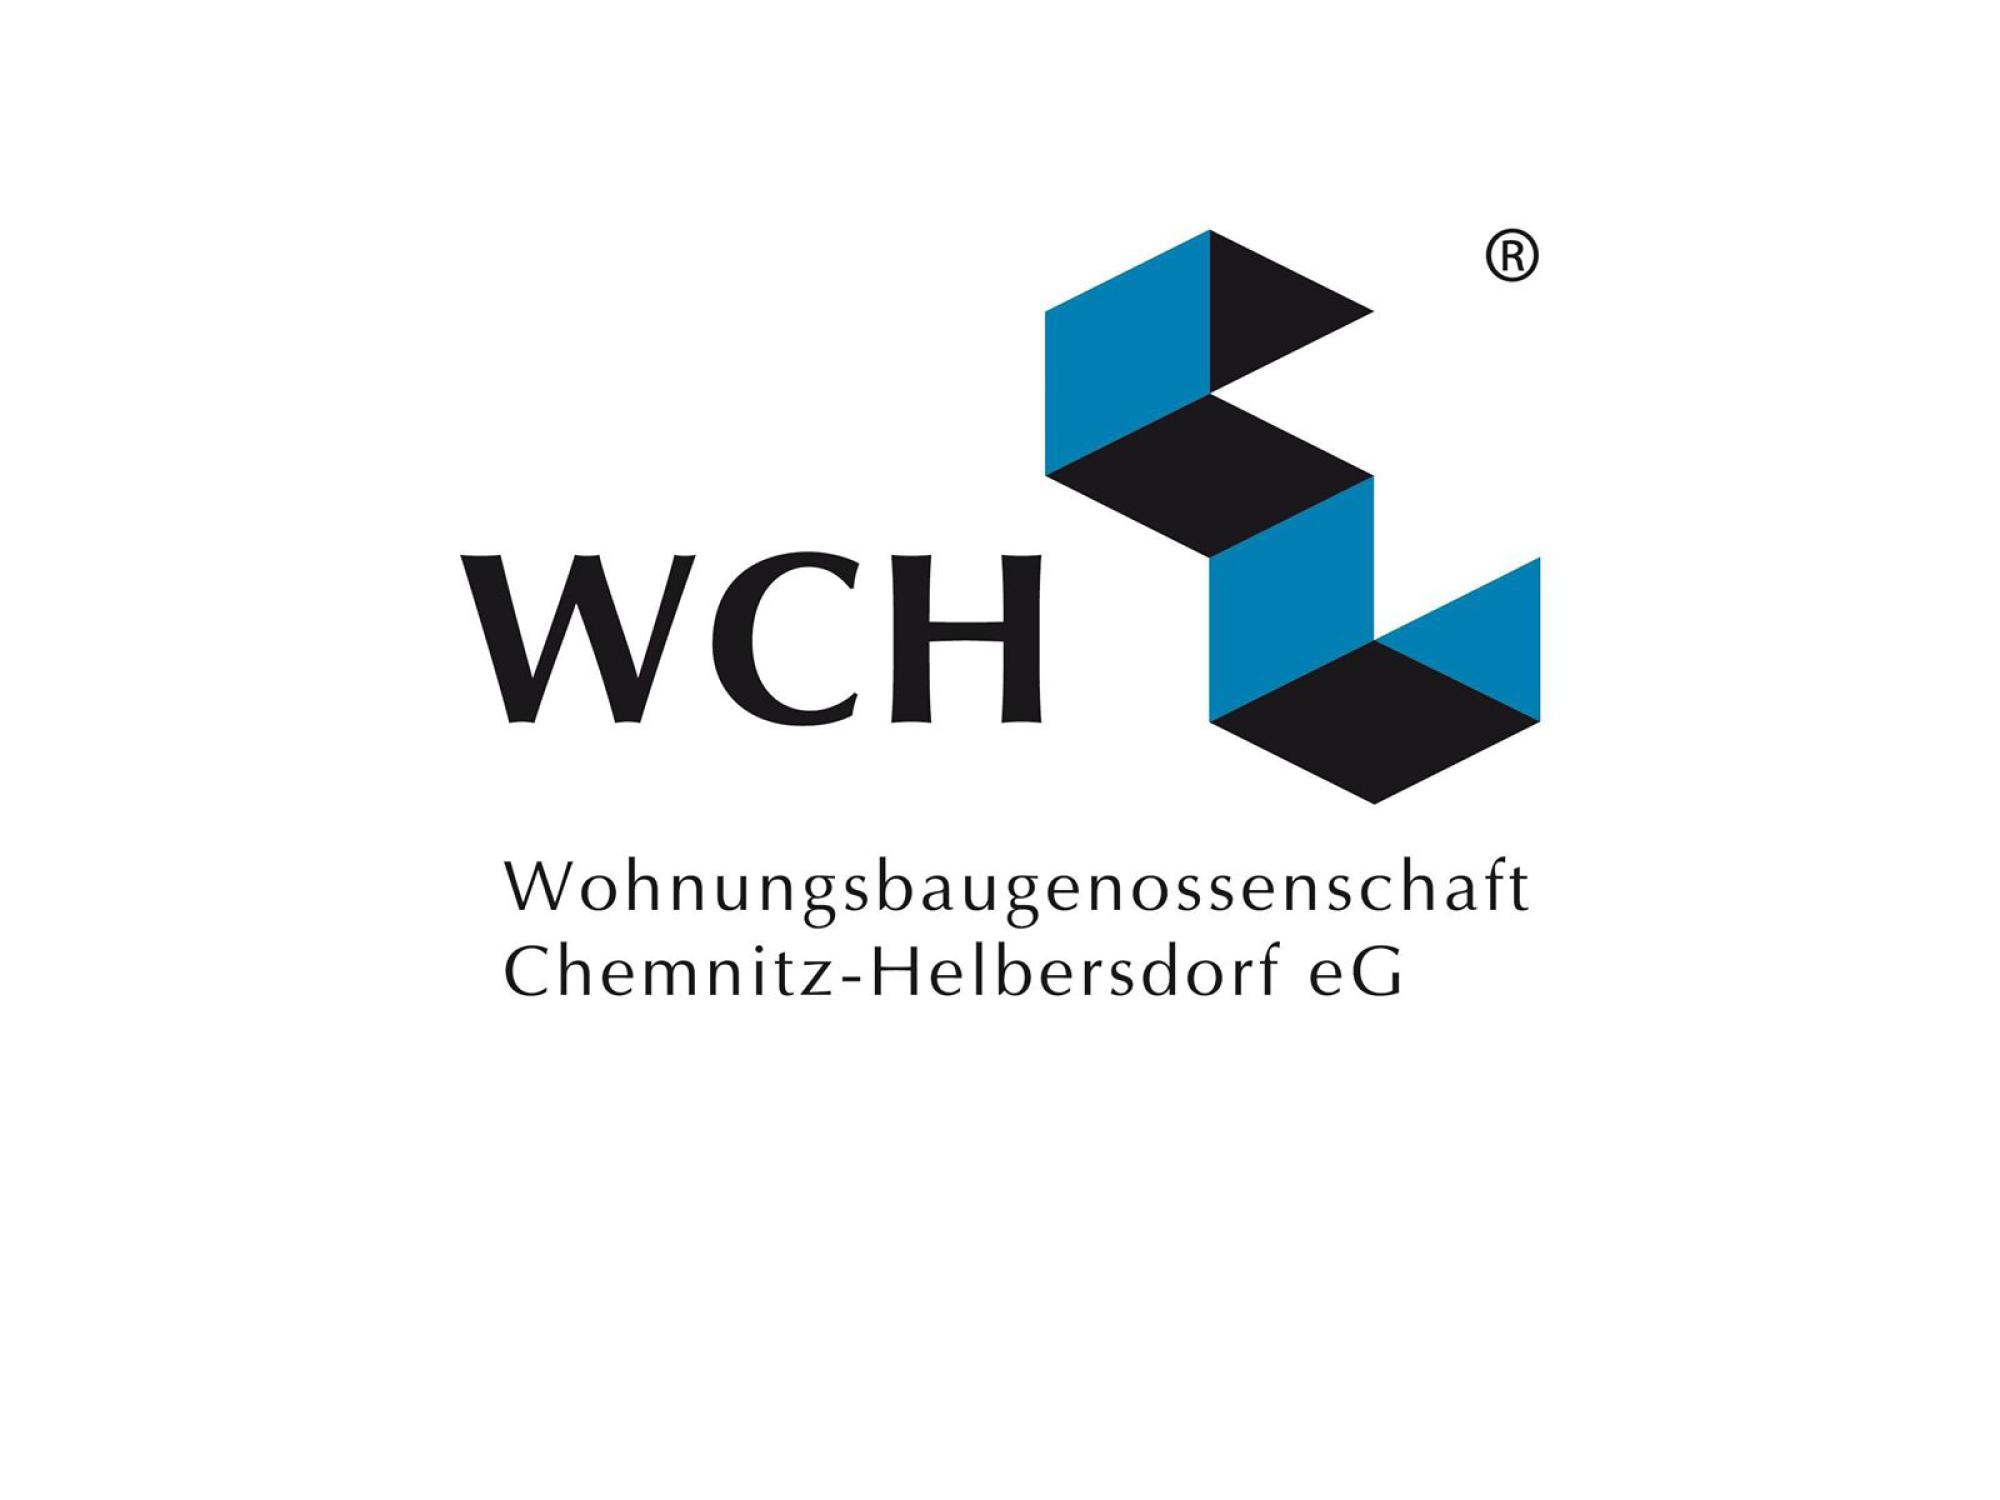 Wohnungsbaugenossenschaft Chemnitz-Helbersdorf eG